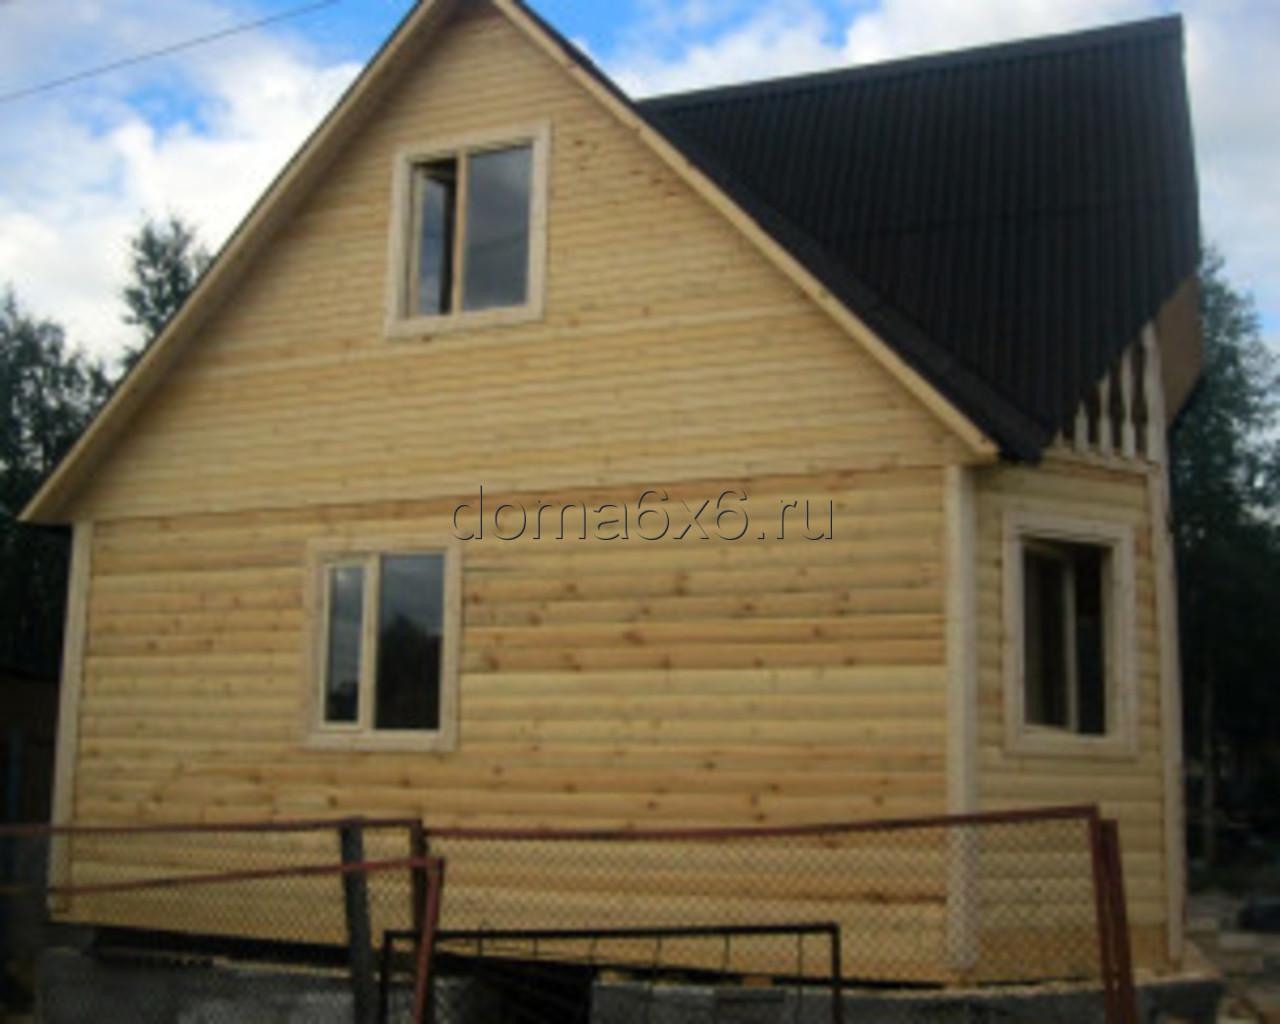 Строительство дома из бруса в Мурманске - 5